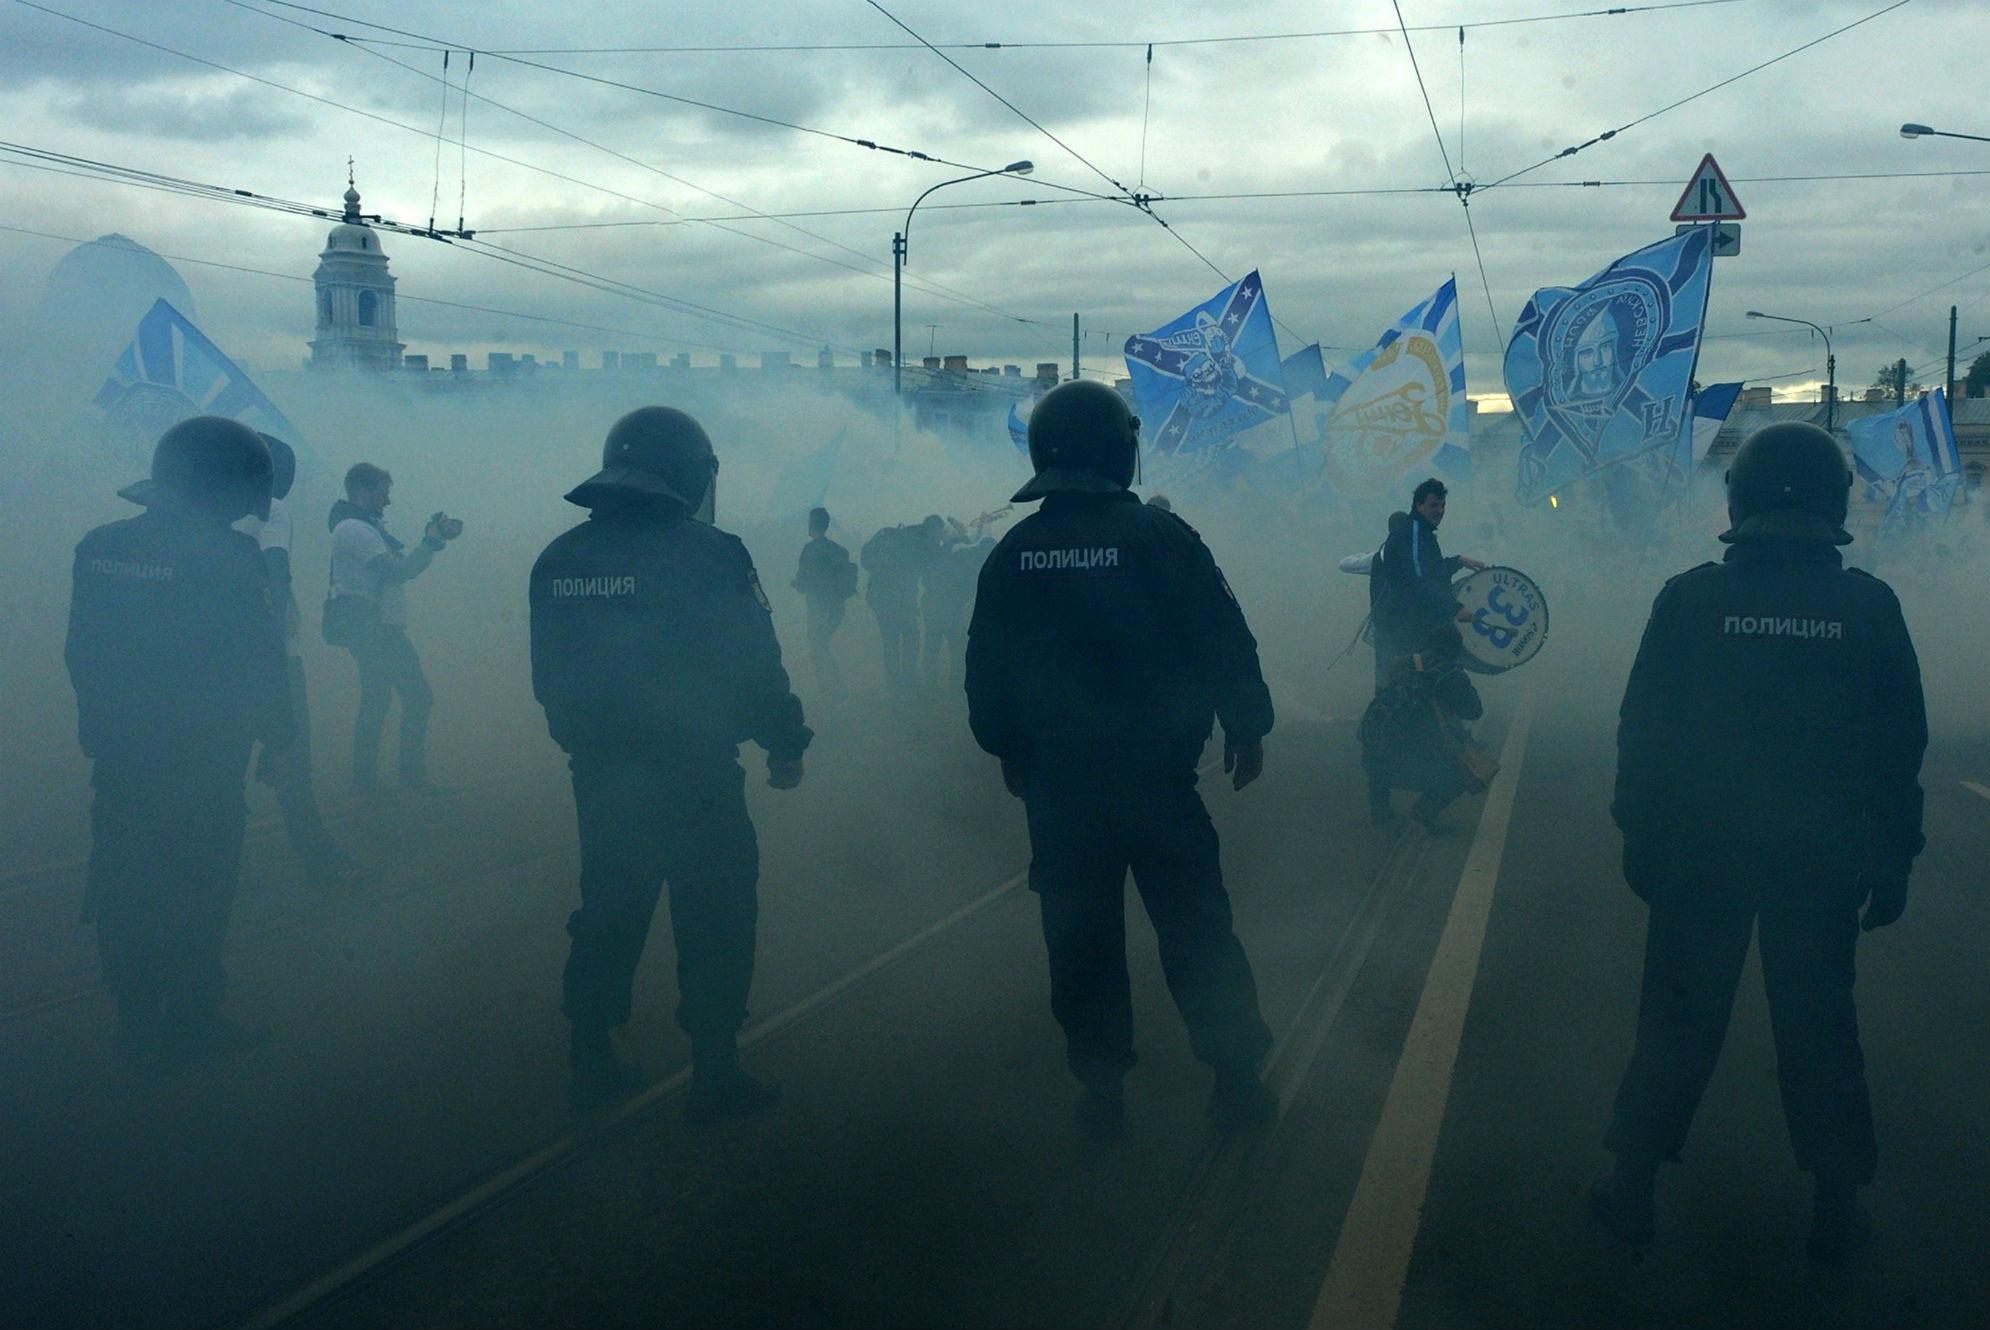 Russian police Zenit St Petersburg